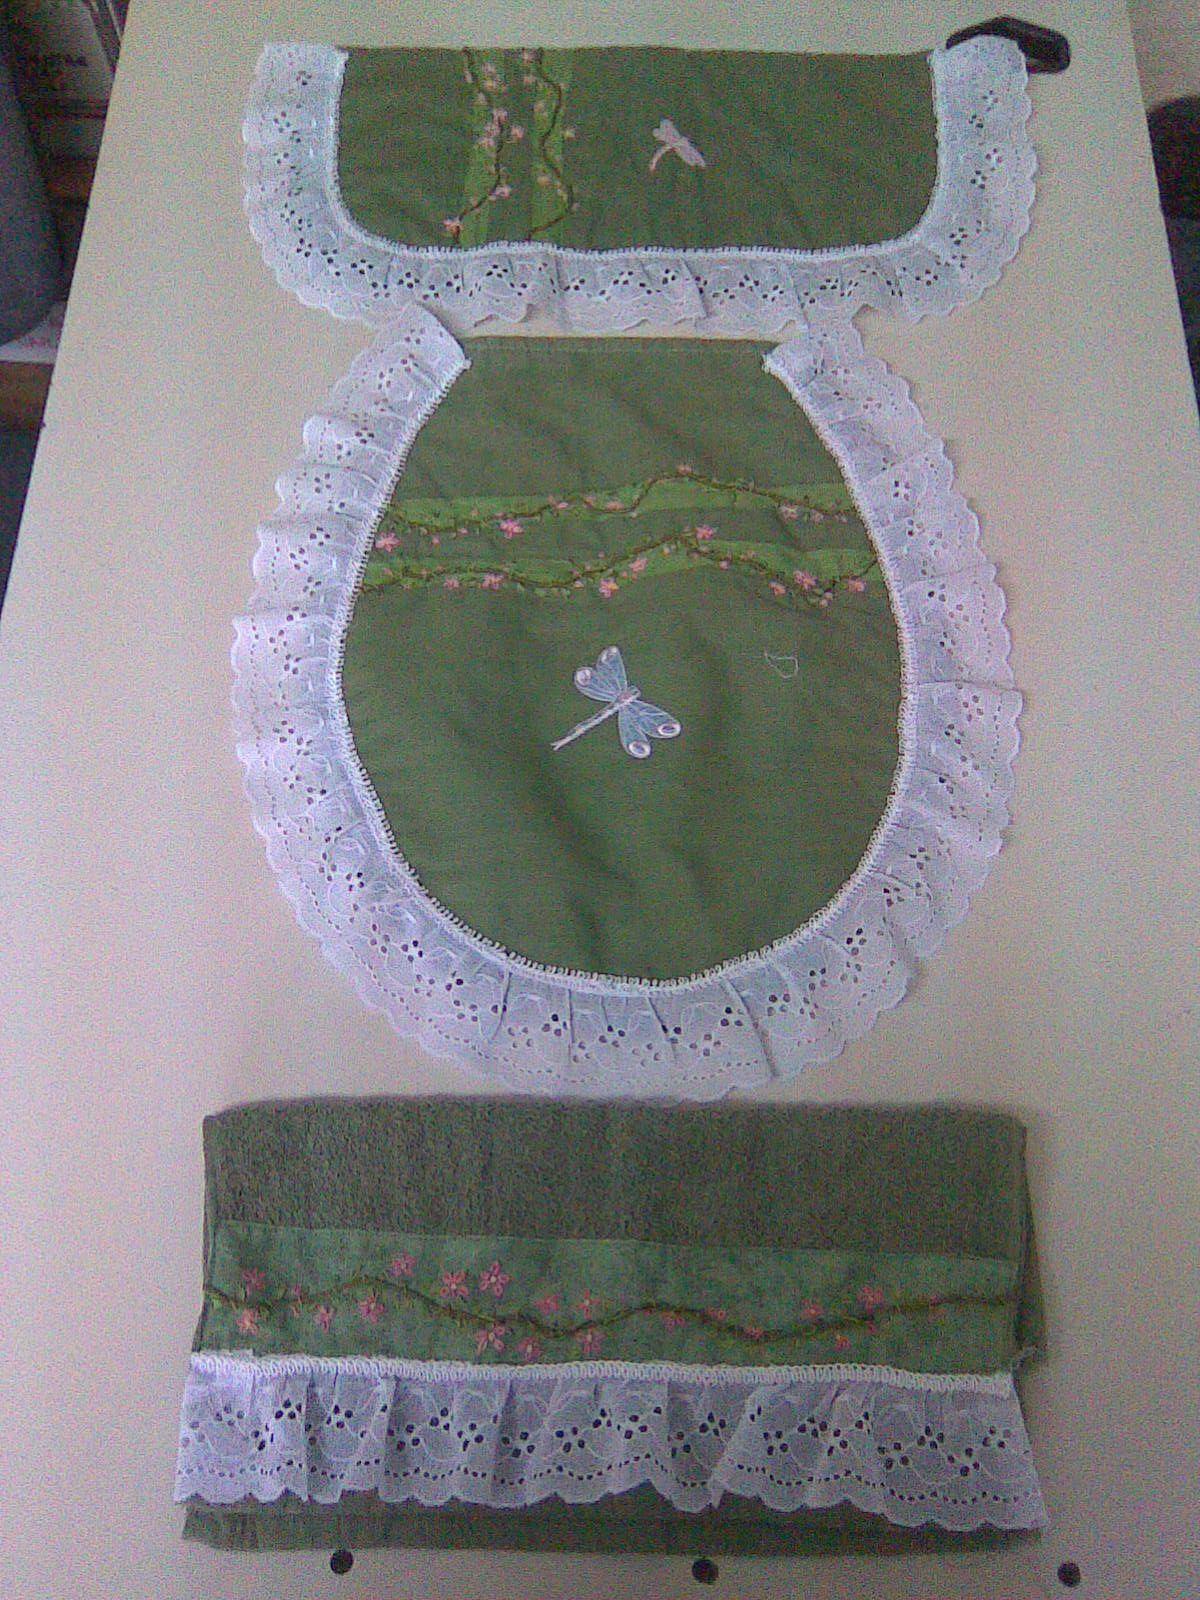 Juego De Bano De Tres Piezas En Verde Juegos De Bano Cortinas Para La Sala Manualidades